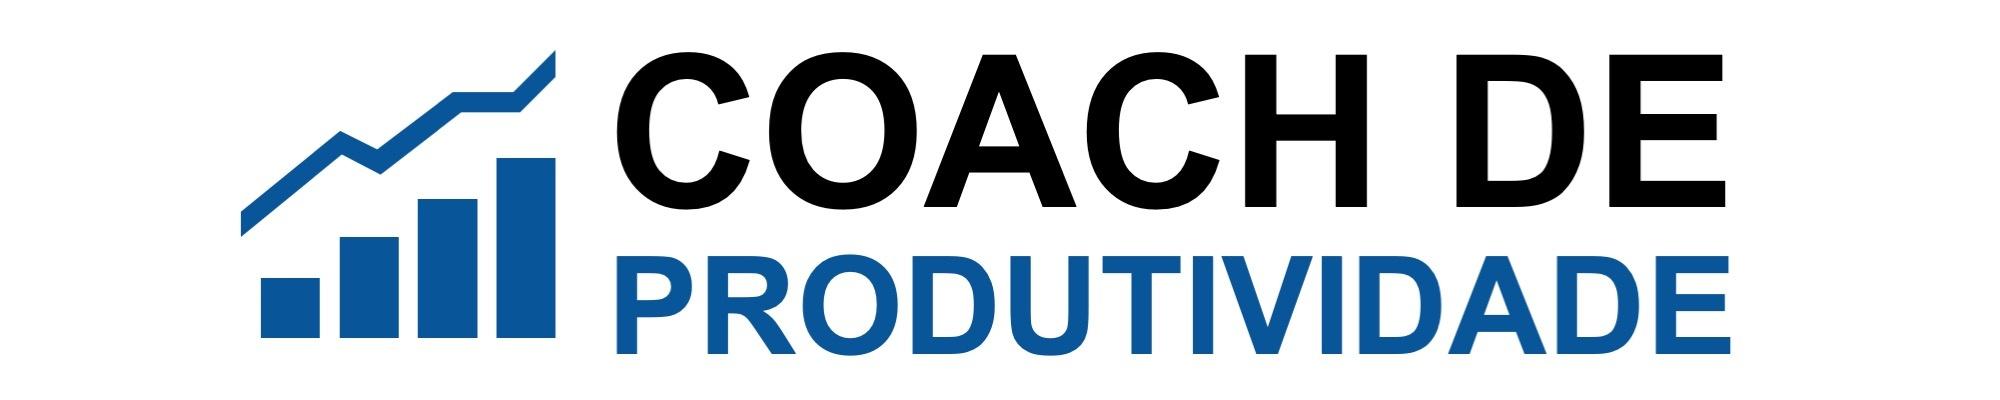 Coach de Produtividade - Aumente a sua produtividade pessoal